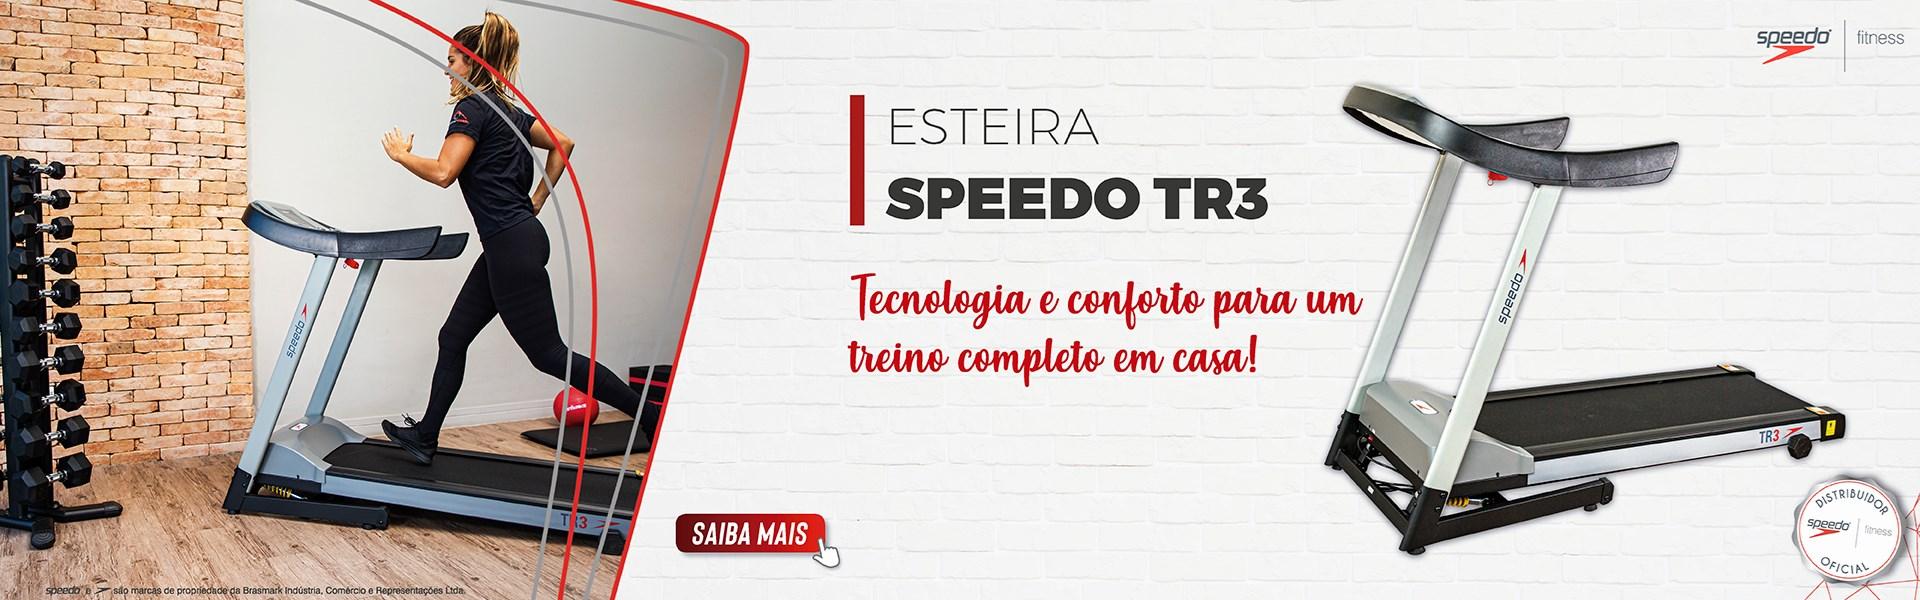 Esteira Speedo TR3 Residencial Ergométrica